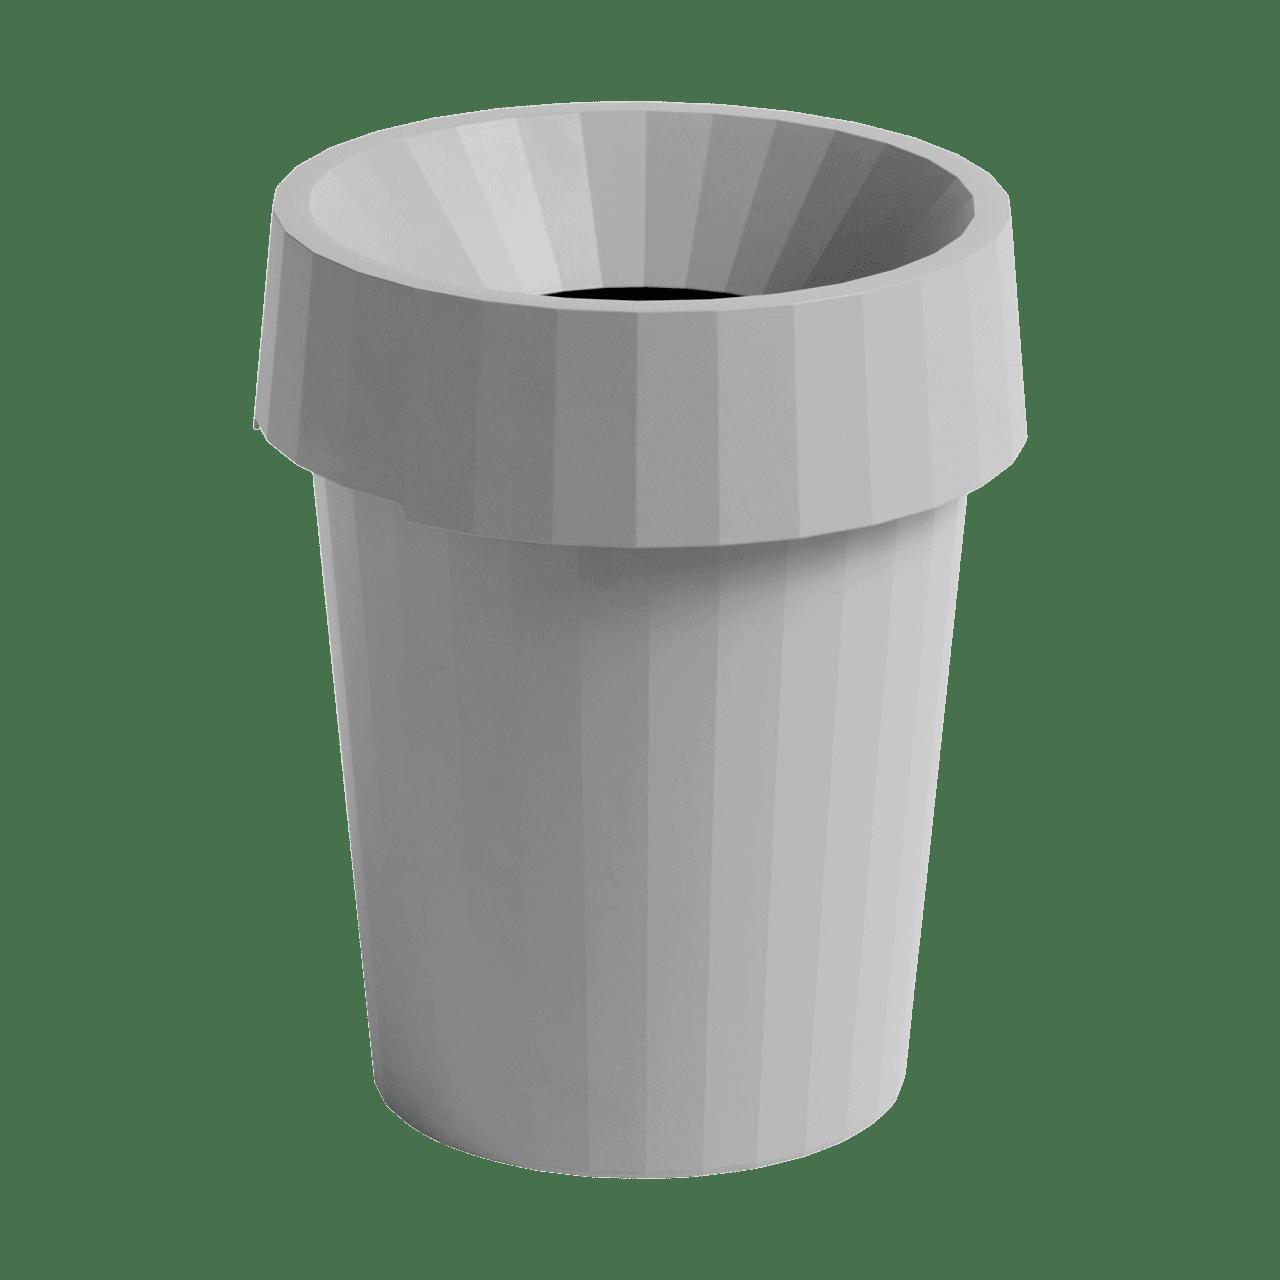 Shade Bin Papierkorb